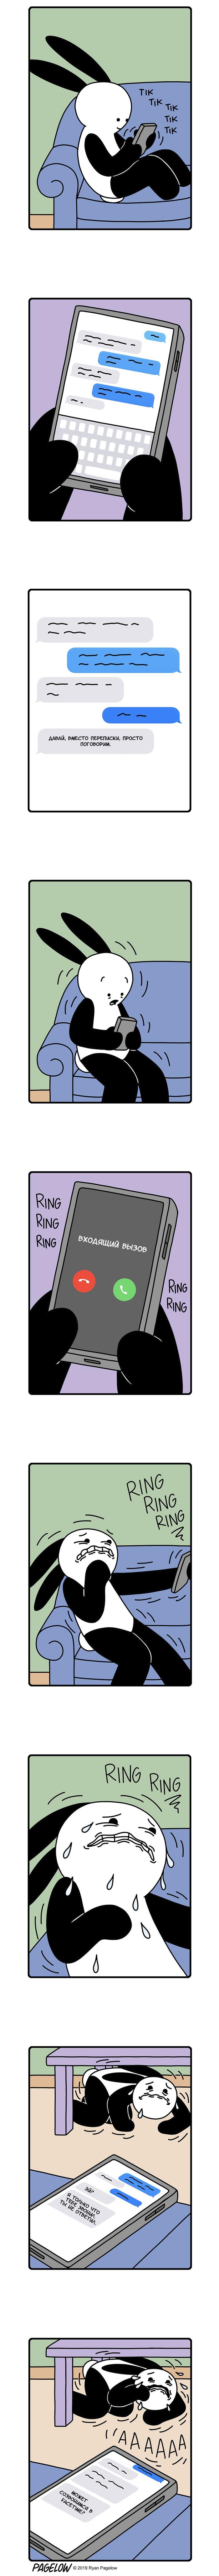 Входящий вызов Телефон, Переписка, Комиксы, Перевел сам, Buni, Pagelow, Длиннопост